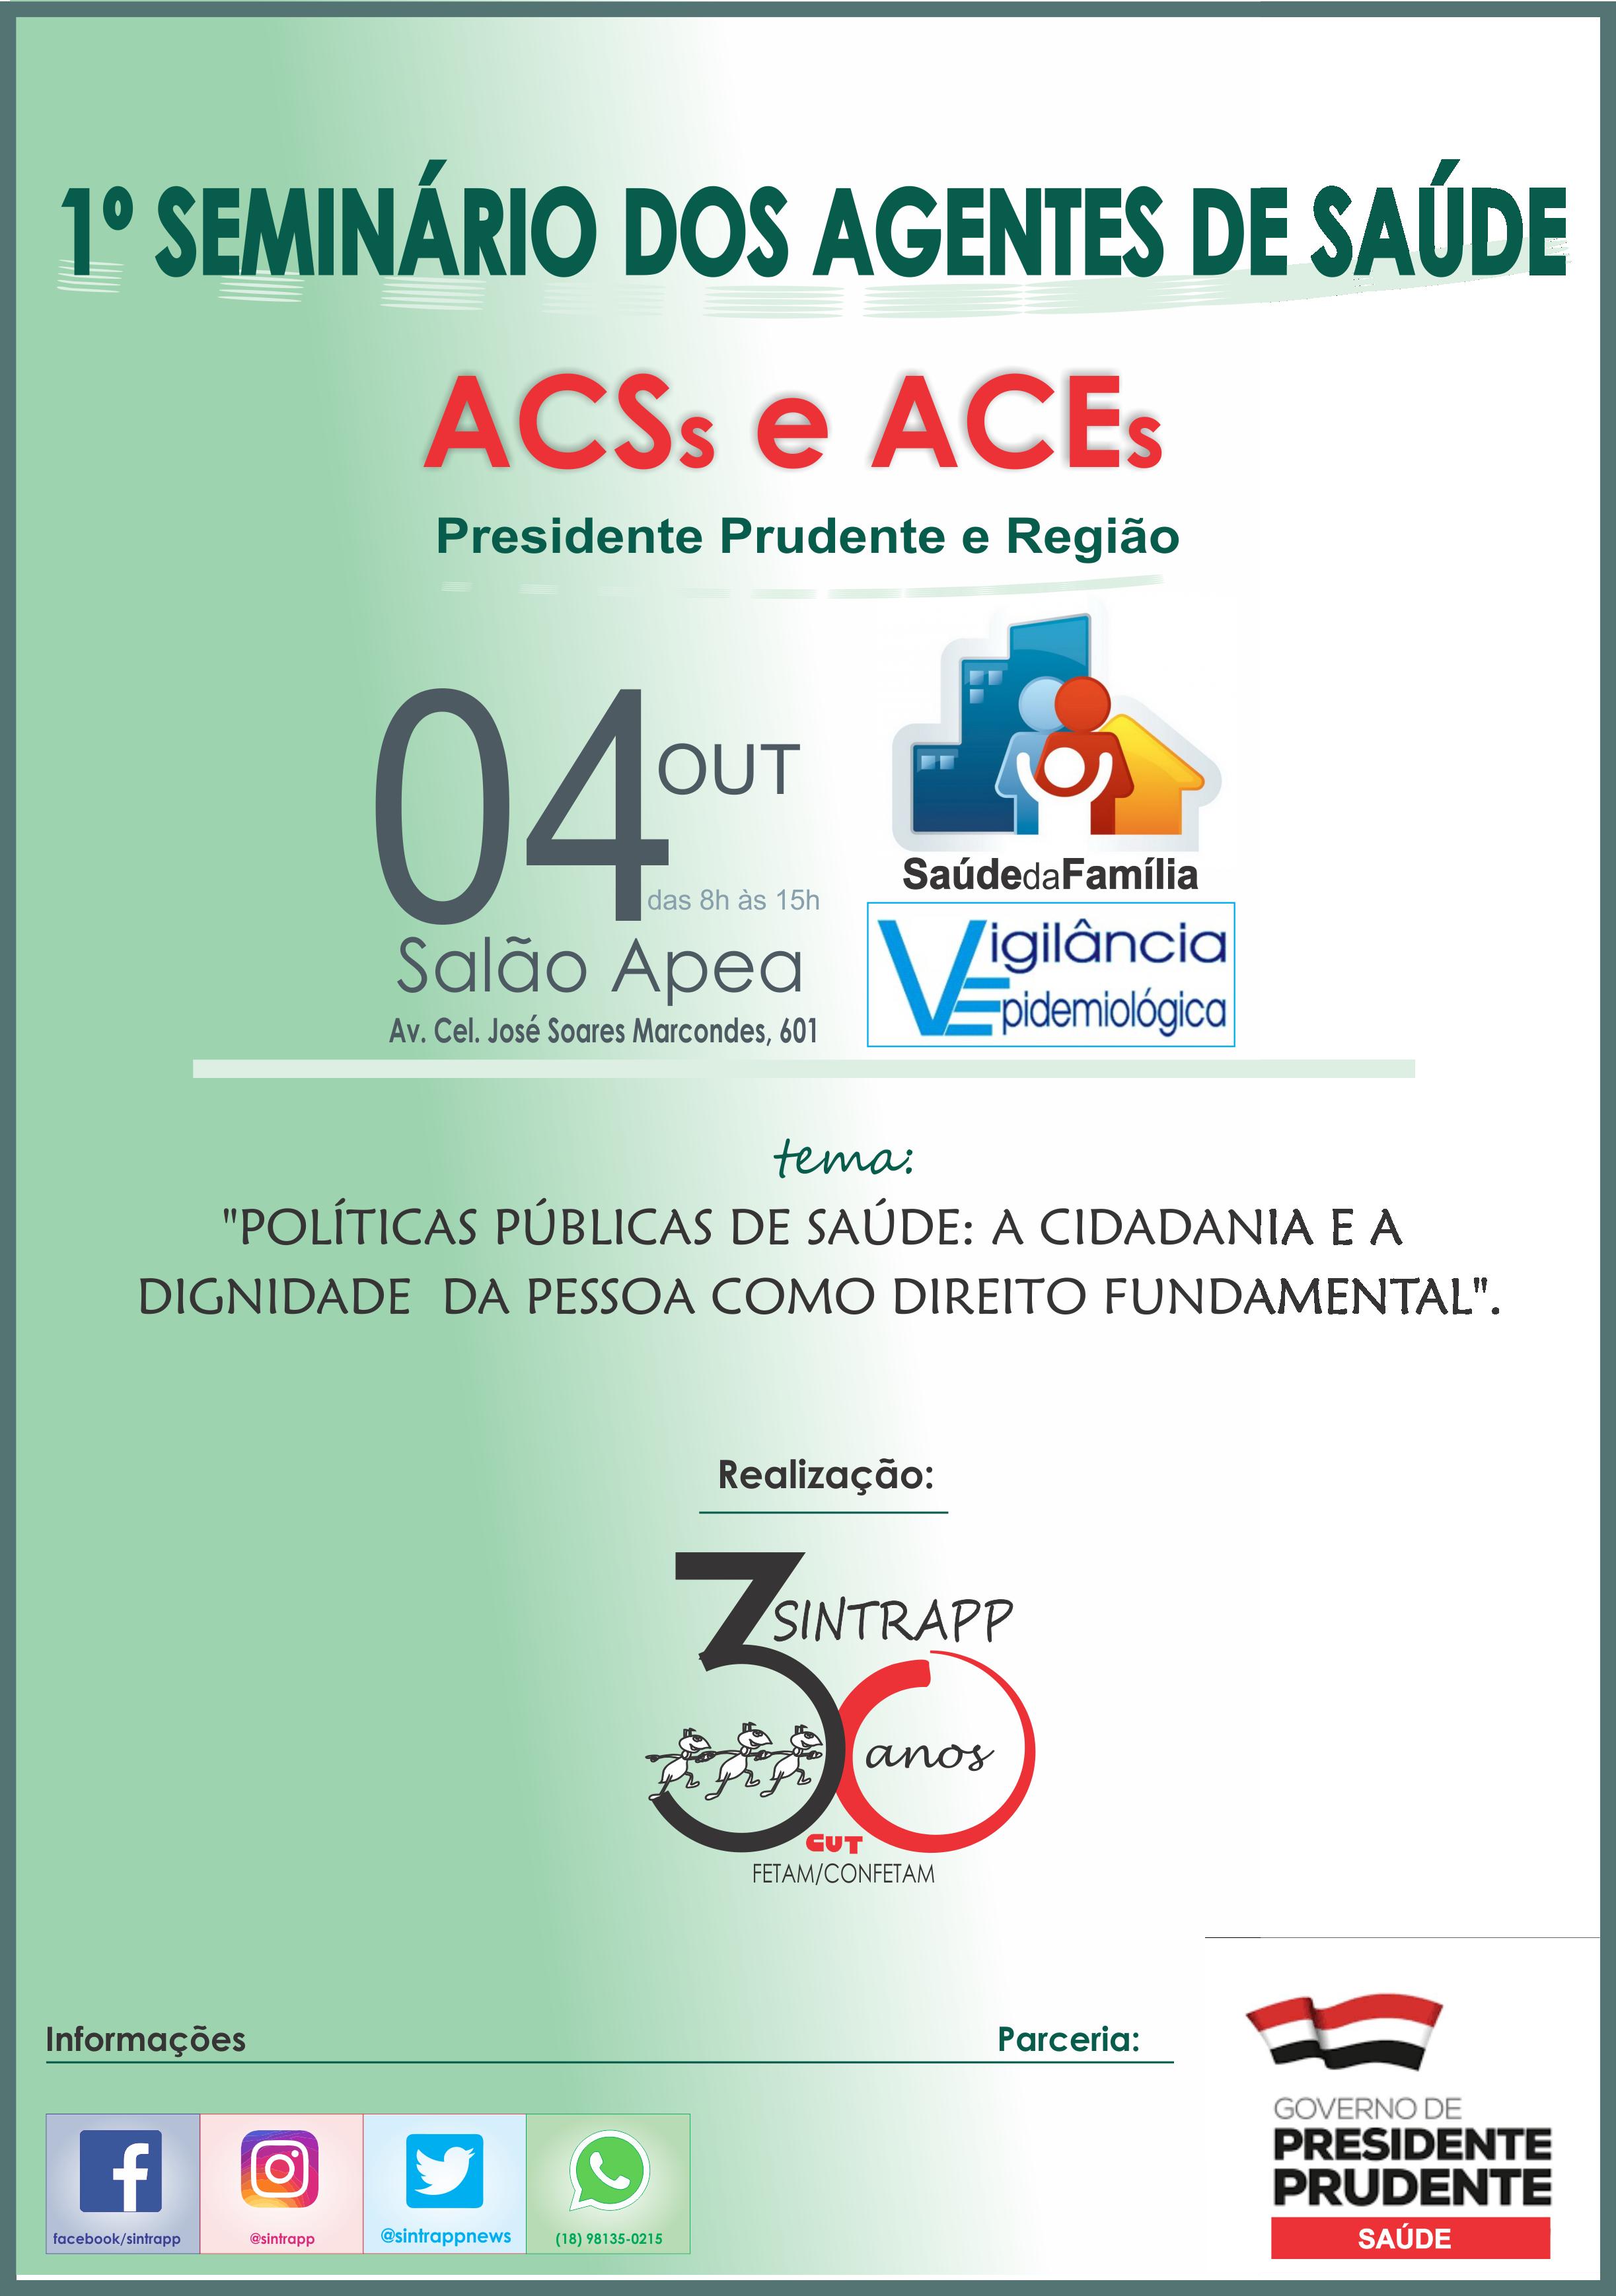 Participem!                               1º Seminário de Agentes de Saúde – ACSs e ACEs de Presidente Prudente e região